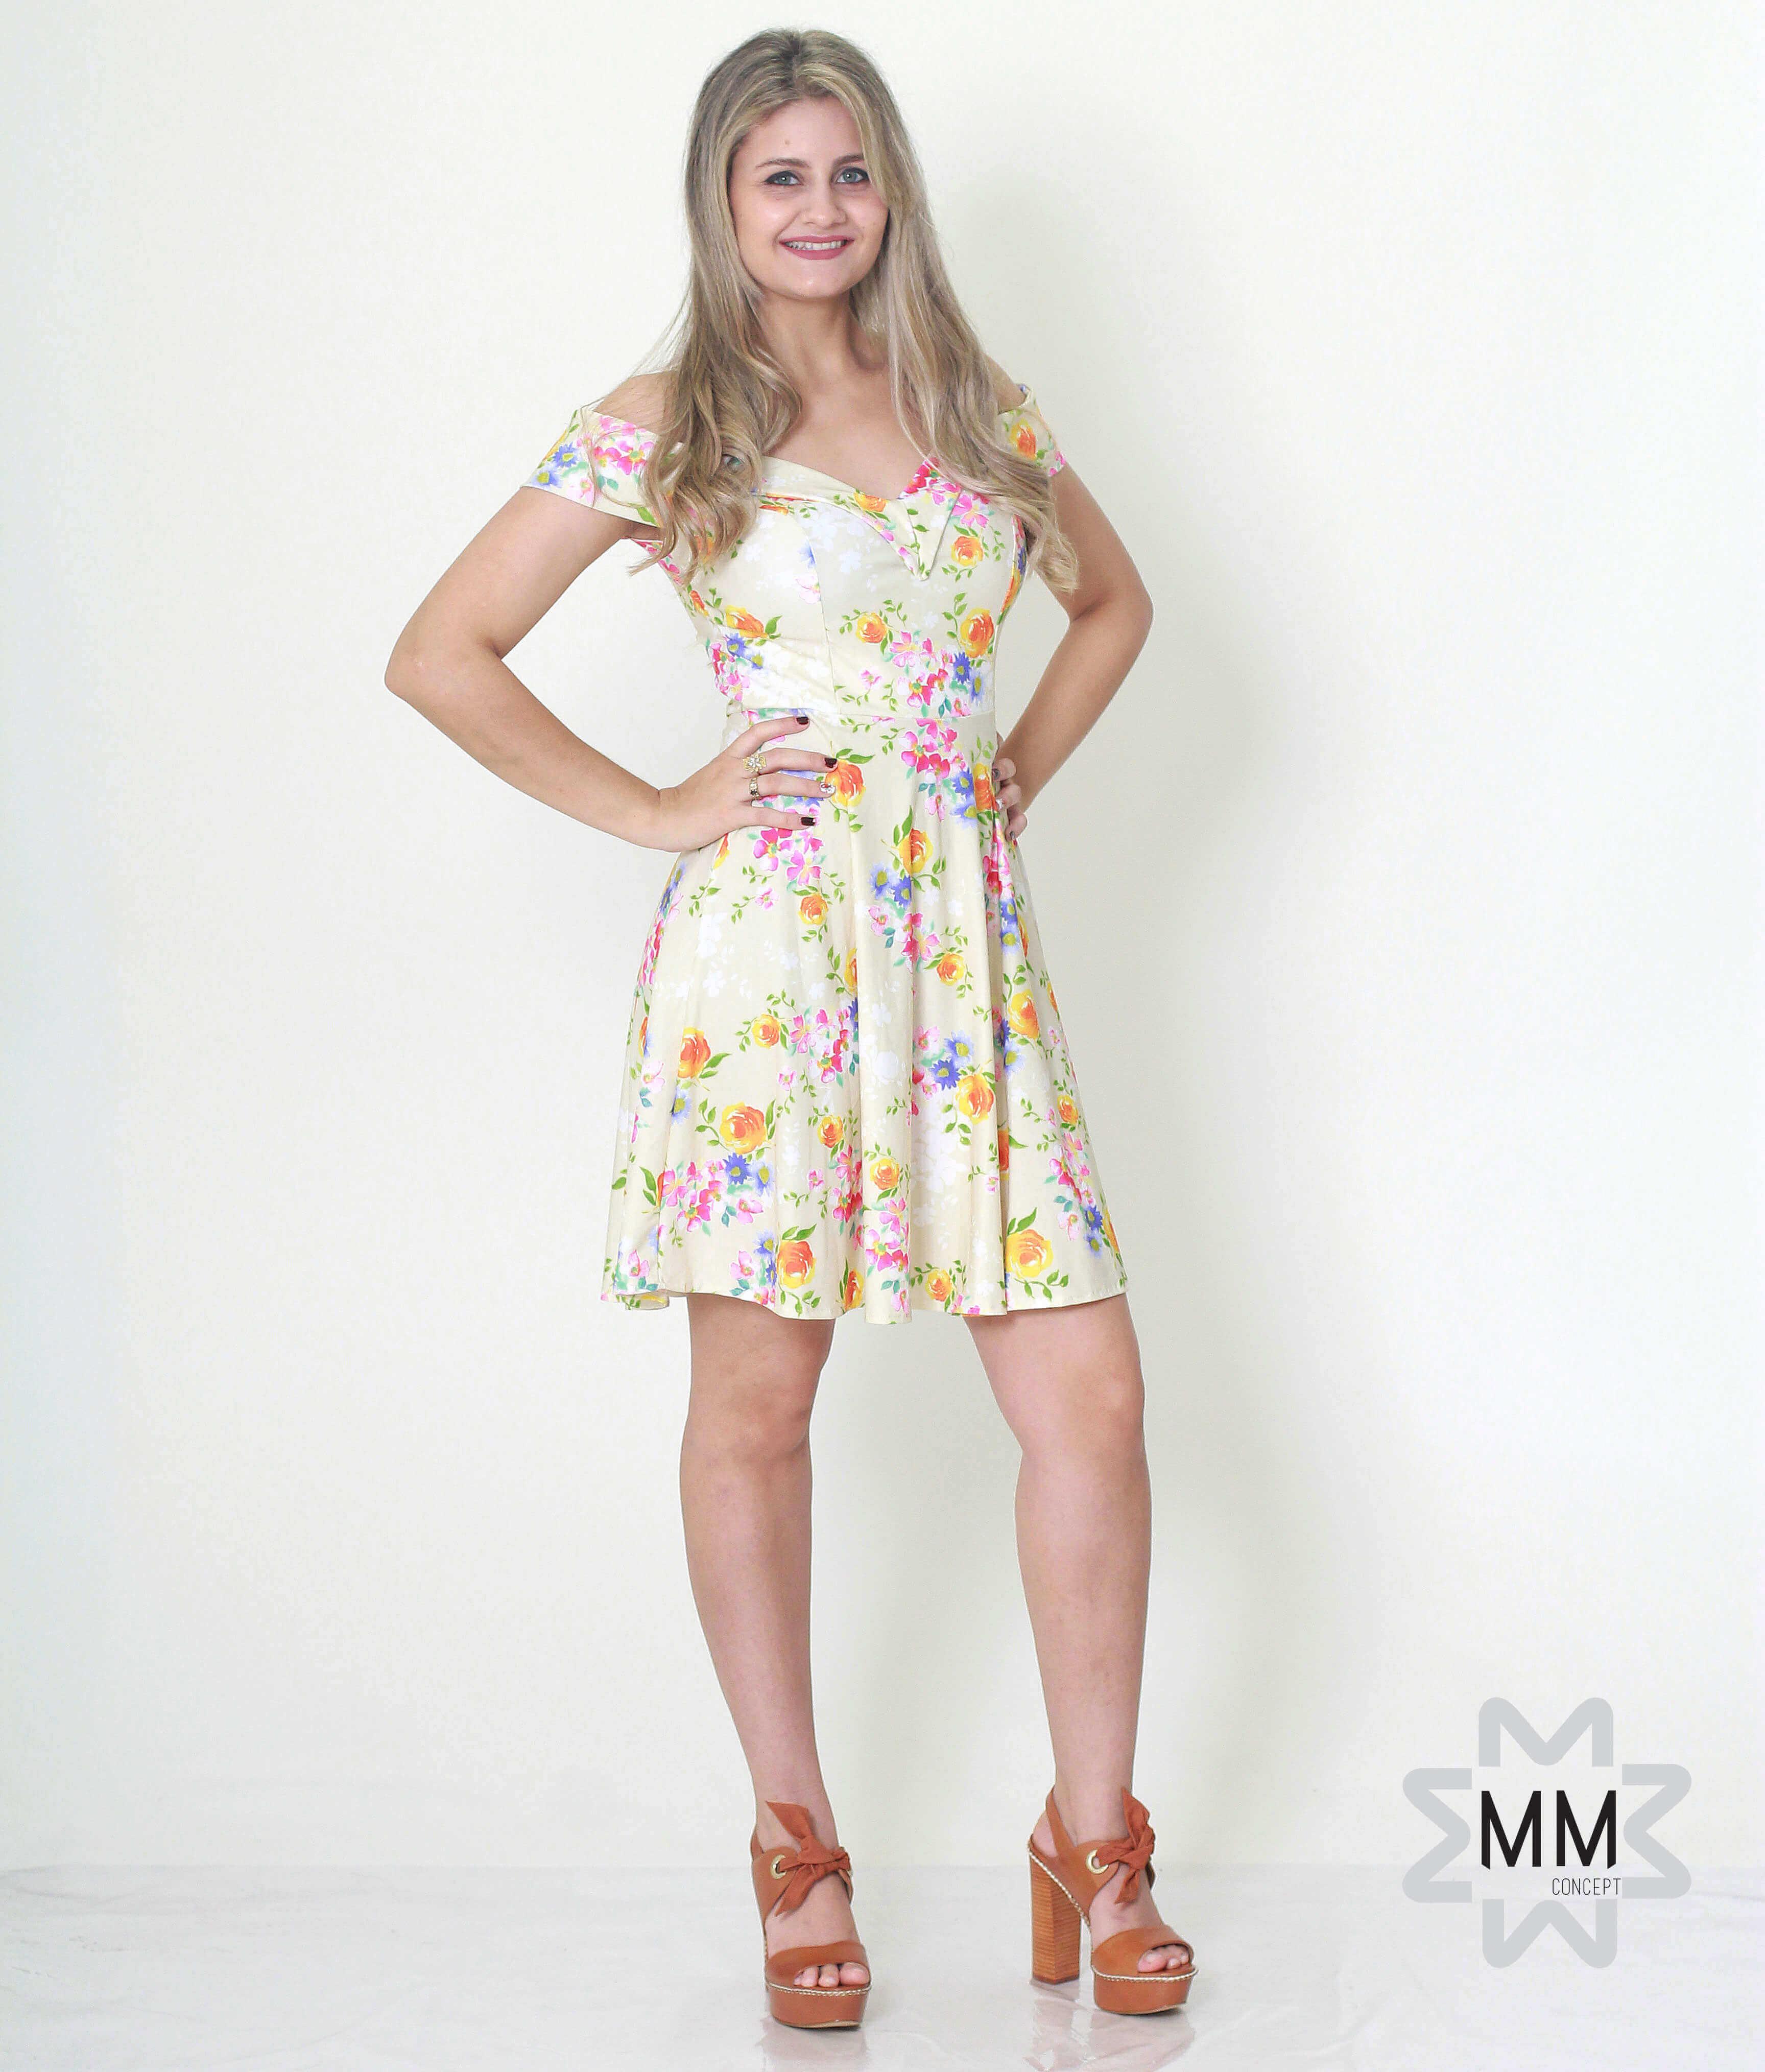 4390432b9ee7 Vestidos - MM Concept - Feminino - Tamanho G - TIPOS DE VESTIDOS ...